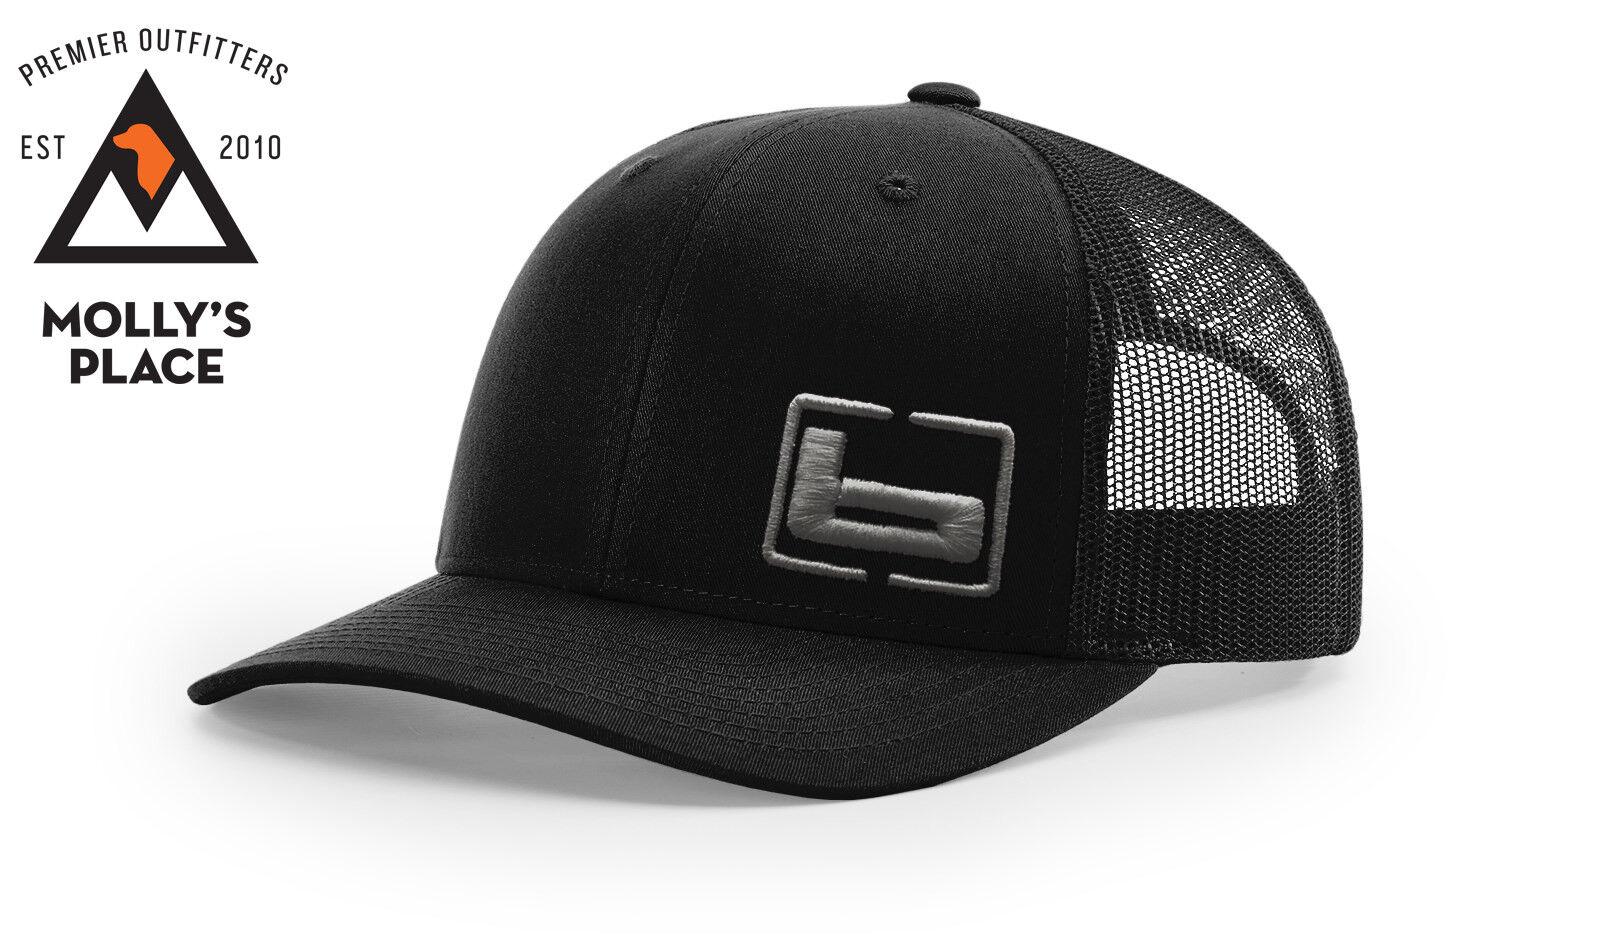 BANDED Gear Trucker Cap Hat Black Gray W